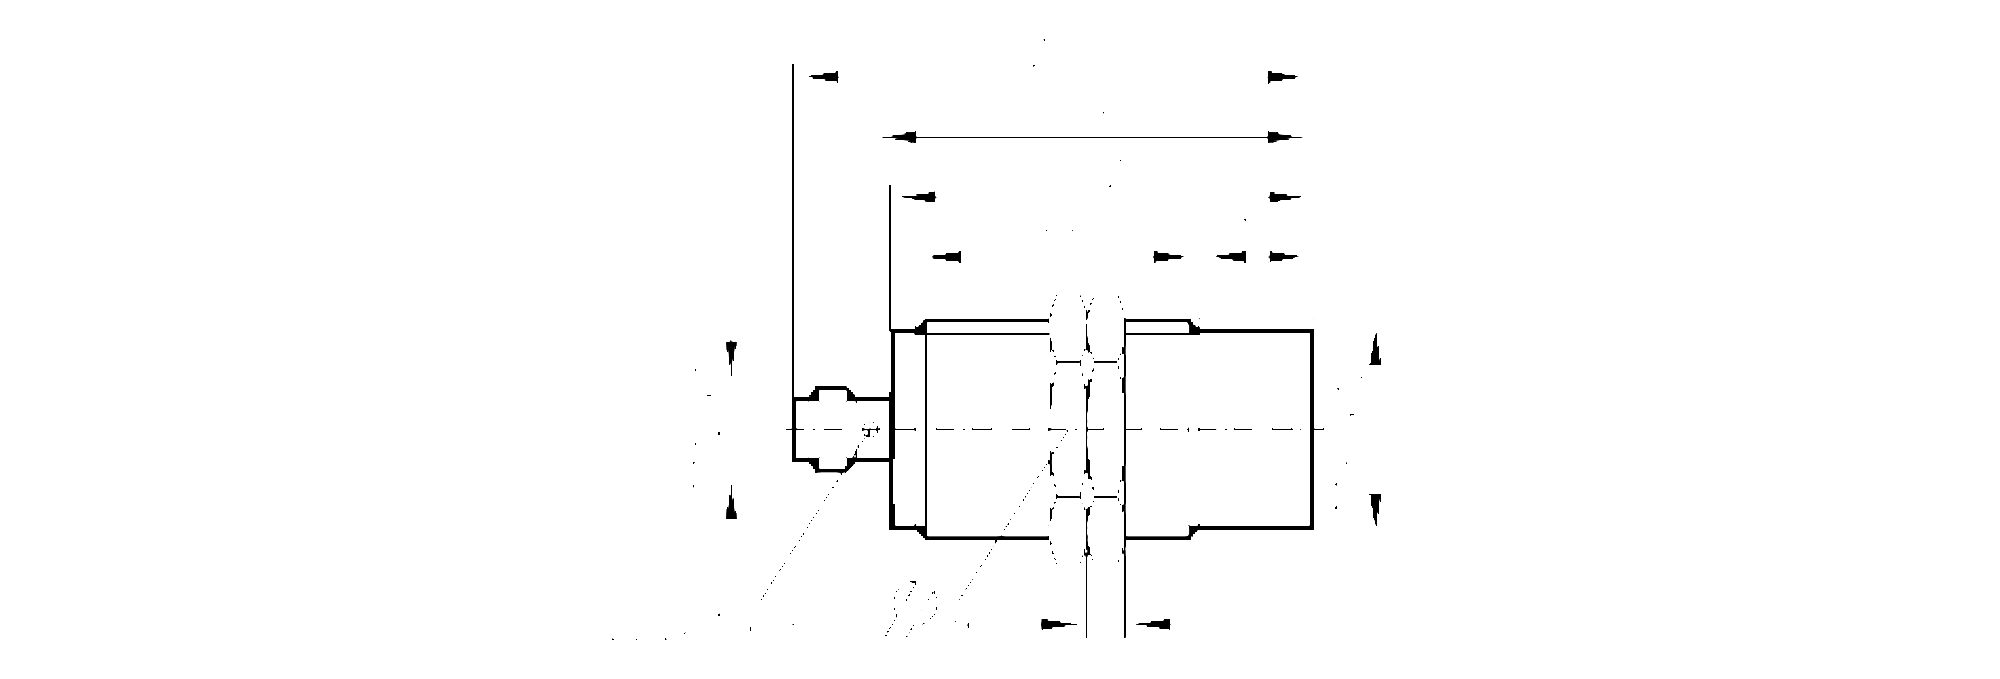 iit202 - inductive sensor